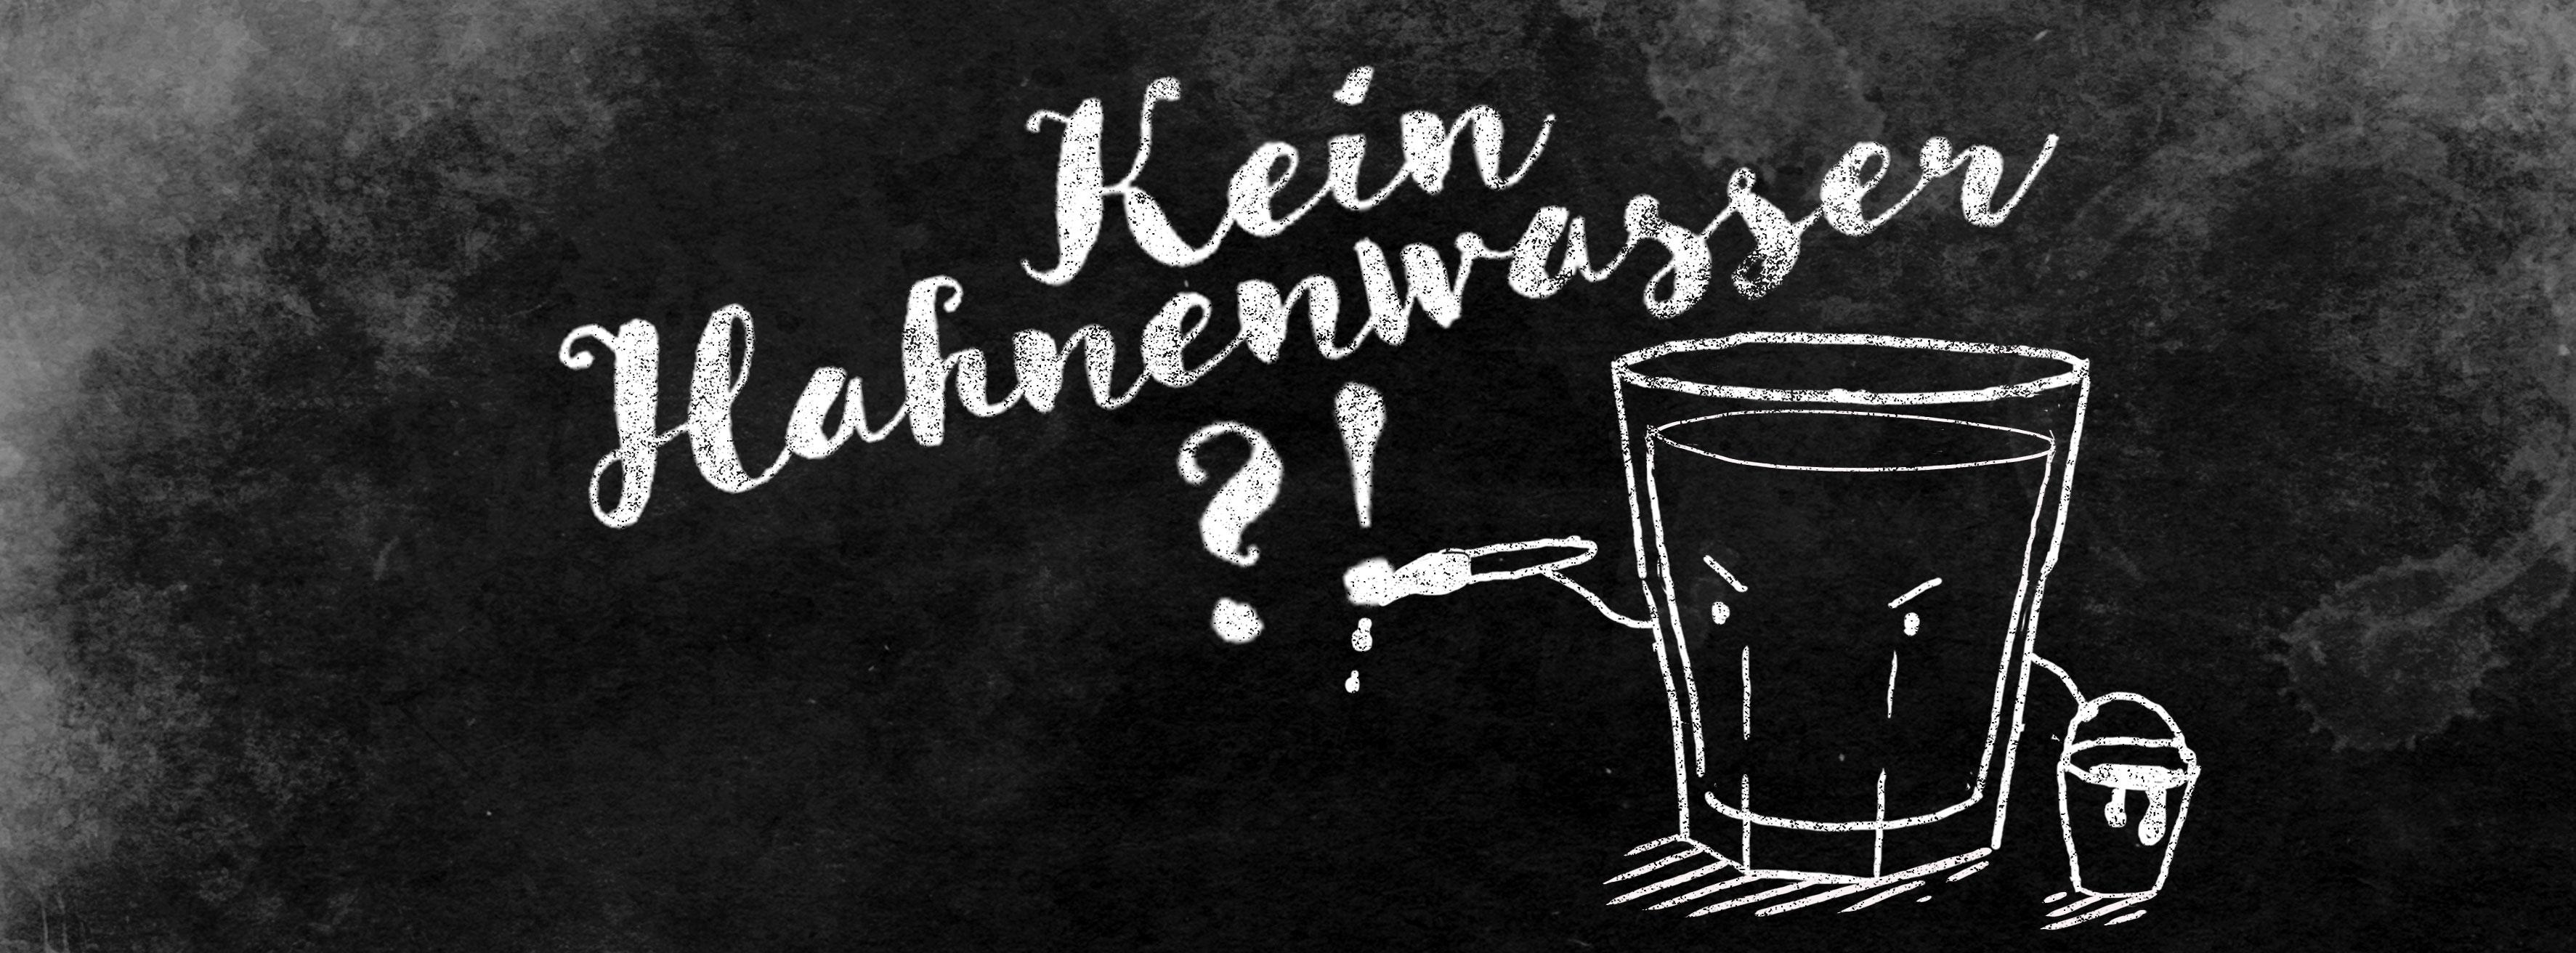 HEADER_KEINHAHNENWASSER-Web